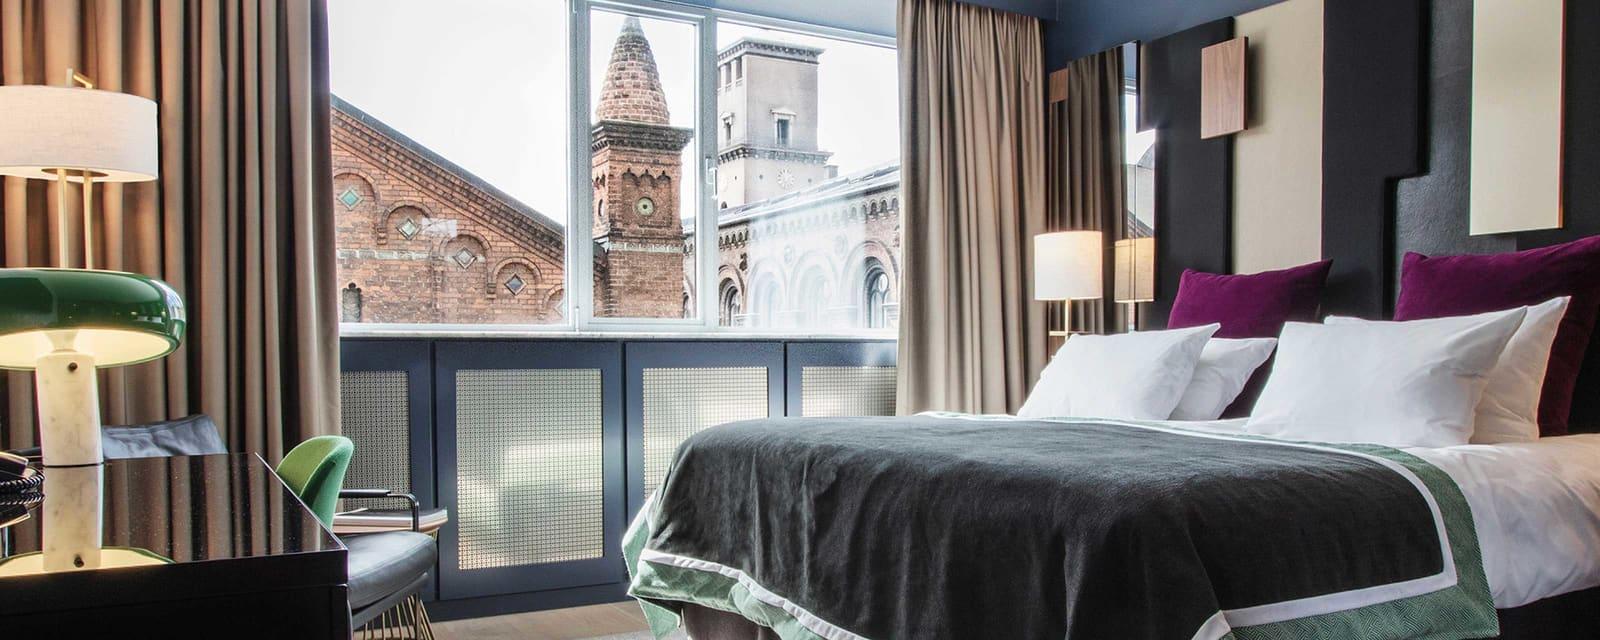 Hotellrom med stor seng og utsikt mot en staselig kirke